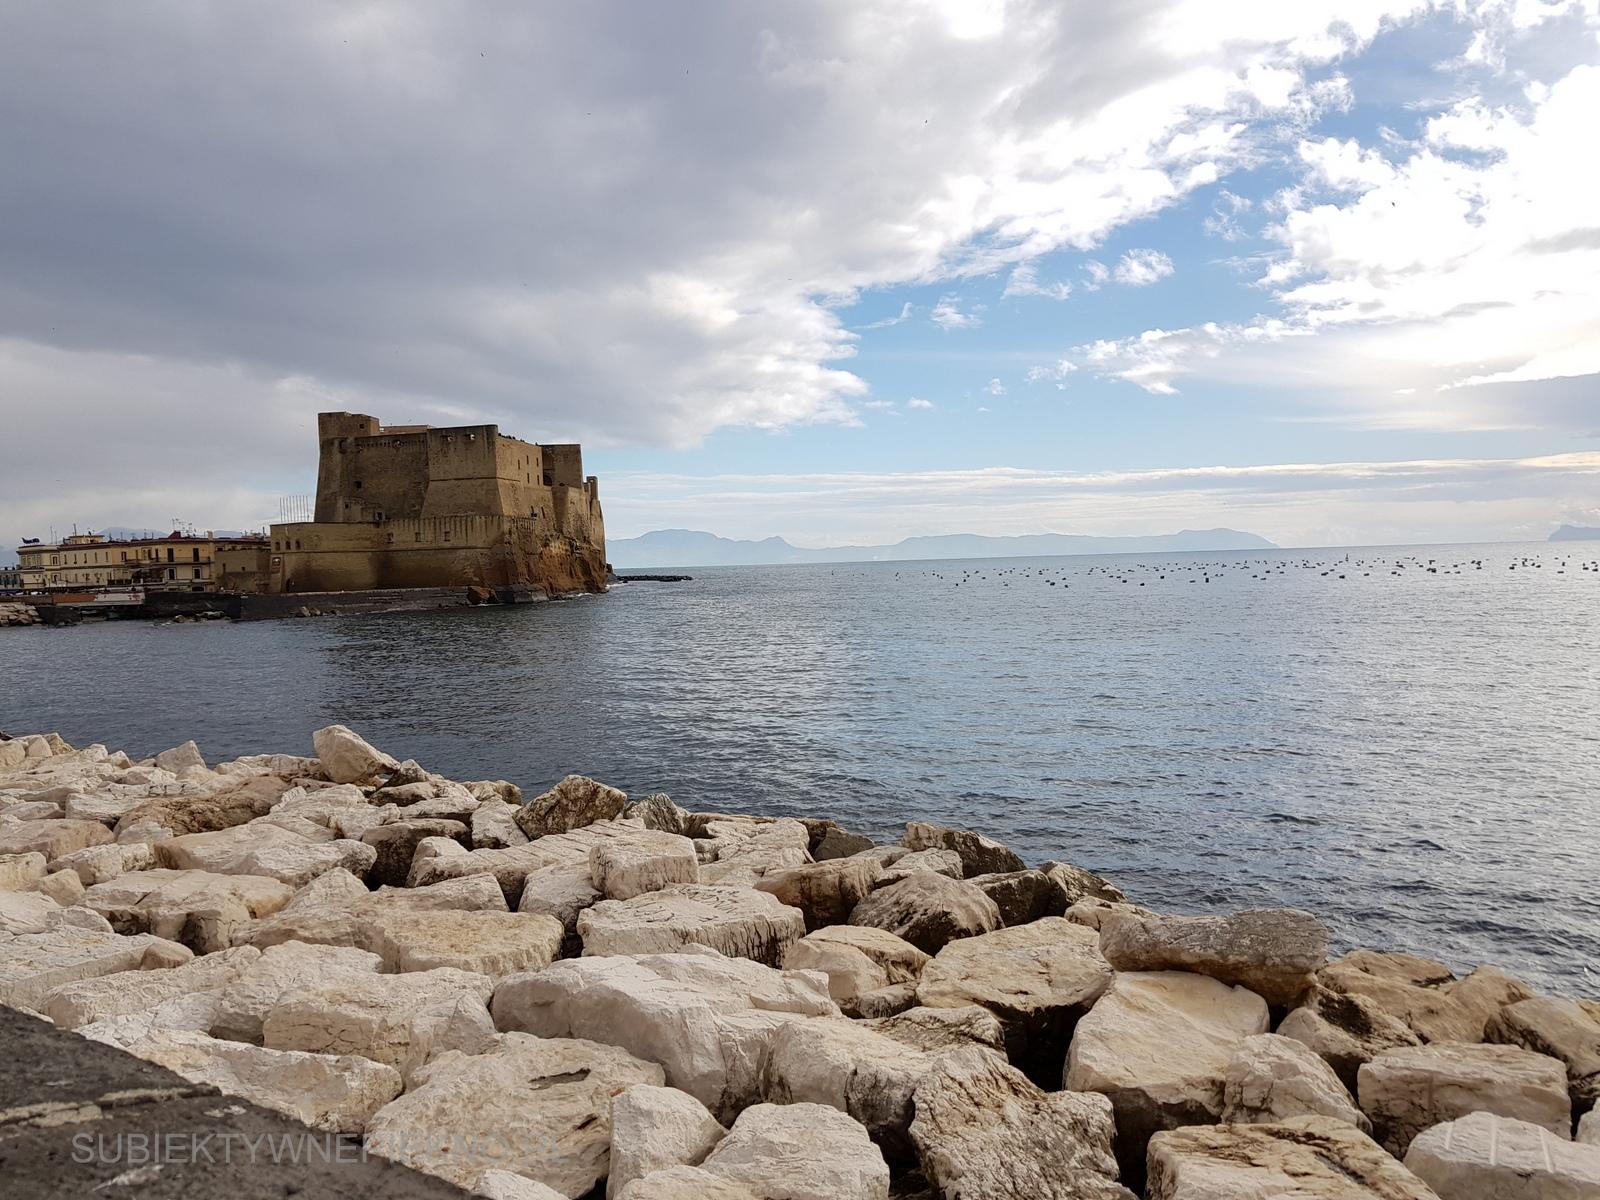 Neapol Włochy Zamek Jajeczny. Castel dell'Ovo